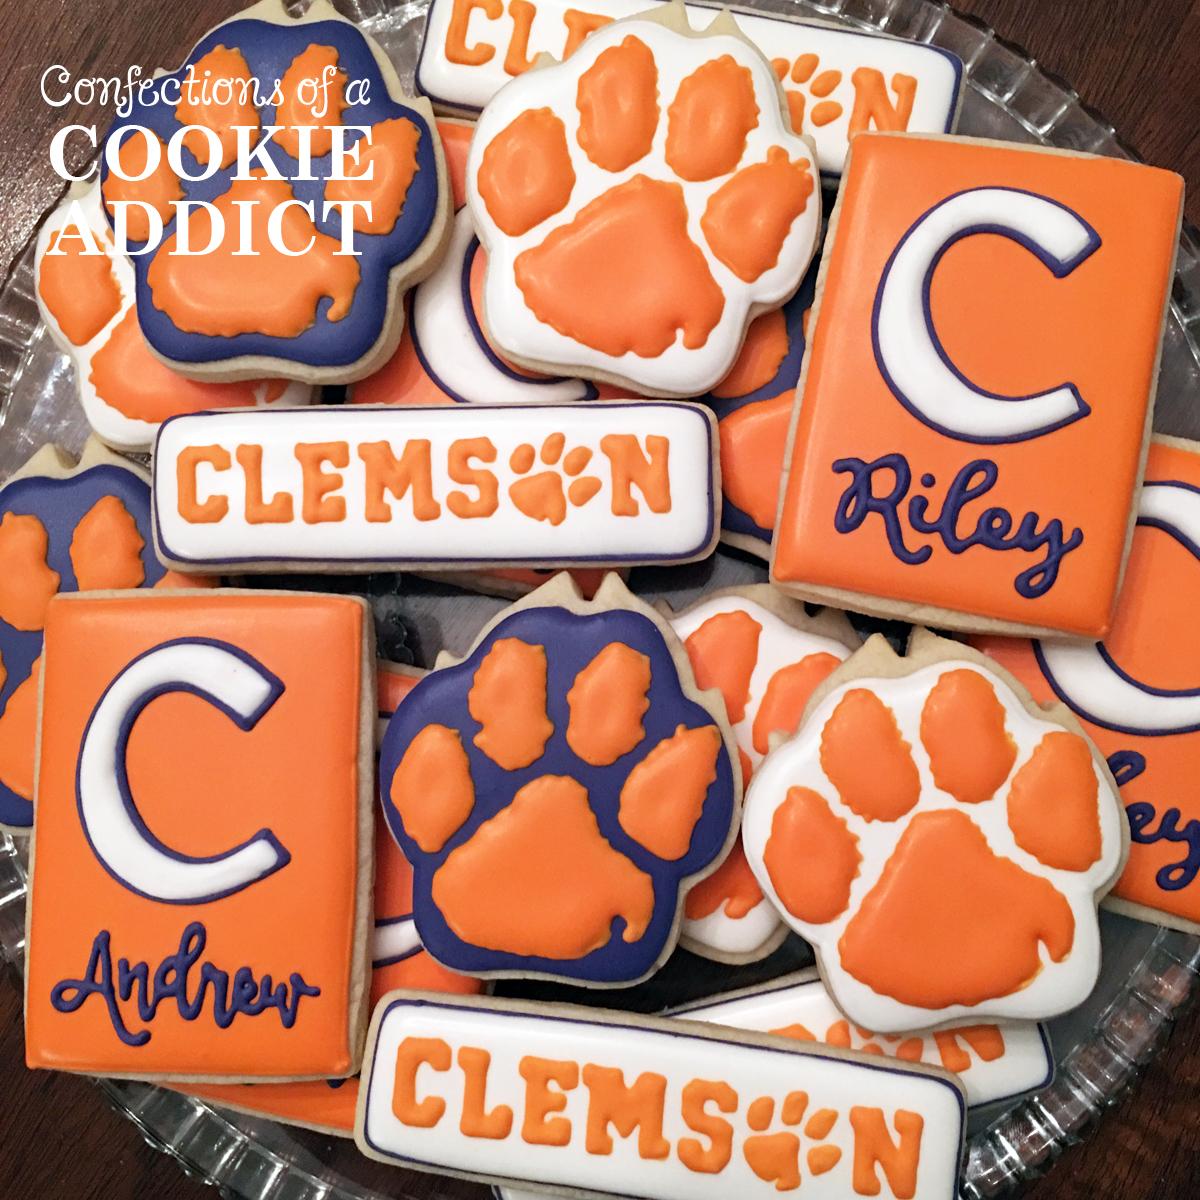 Clemson Cookies